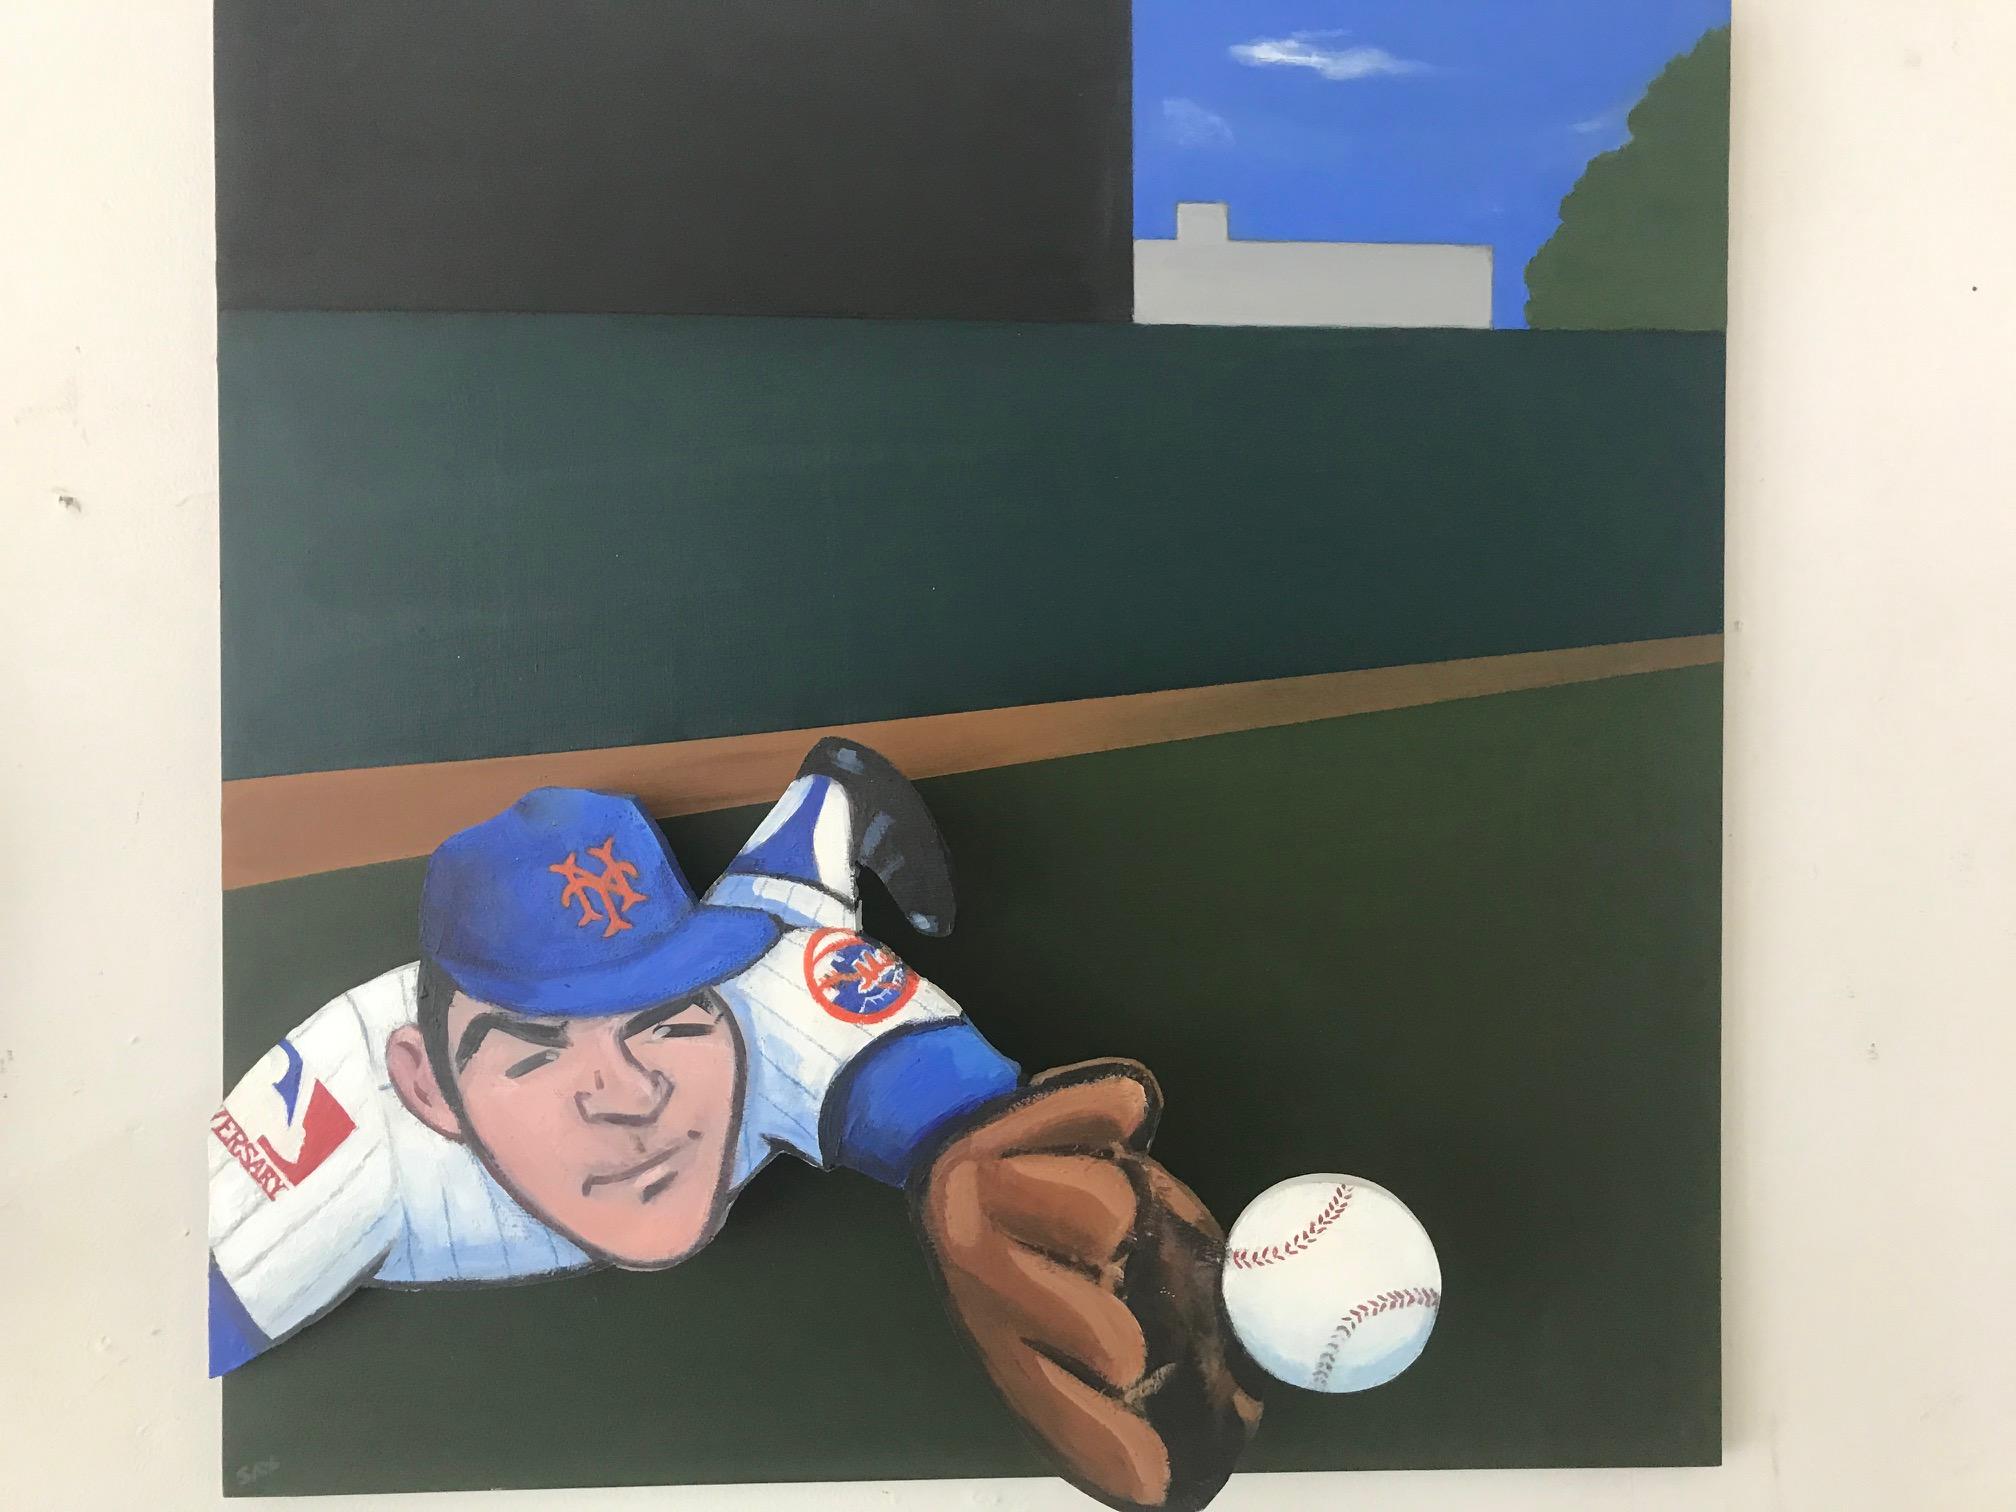 69 Mets